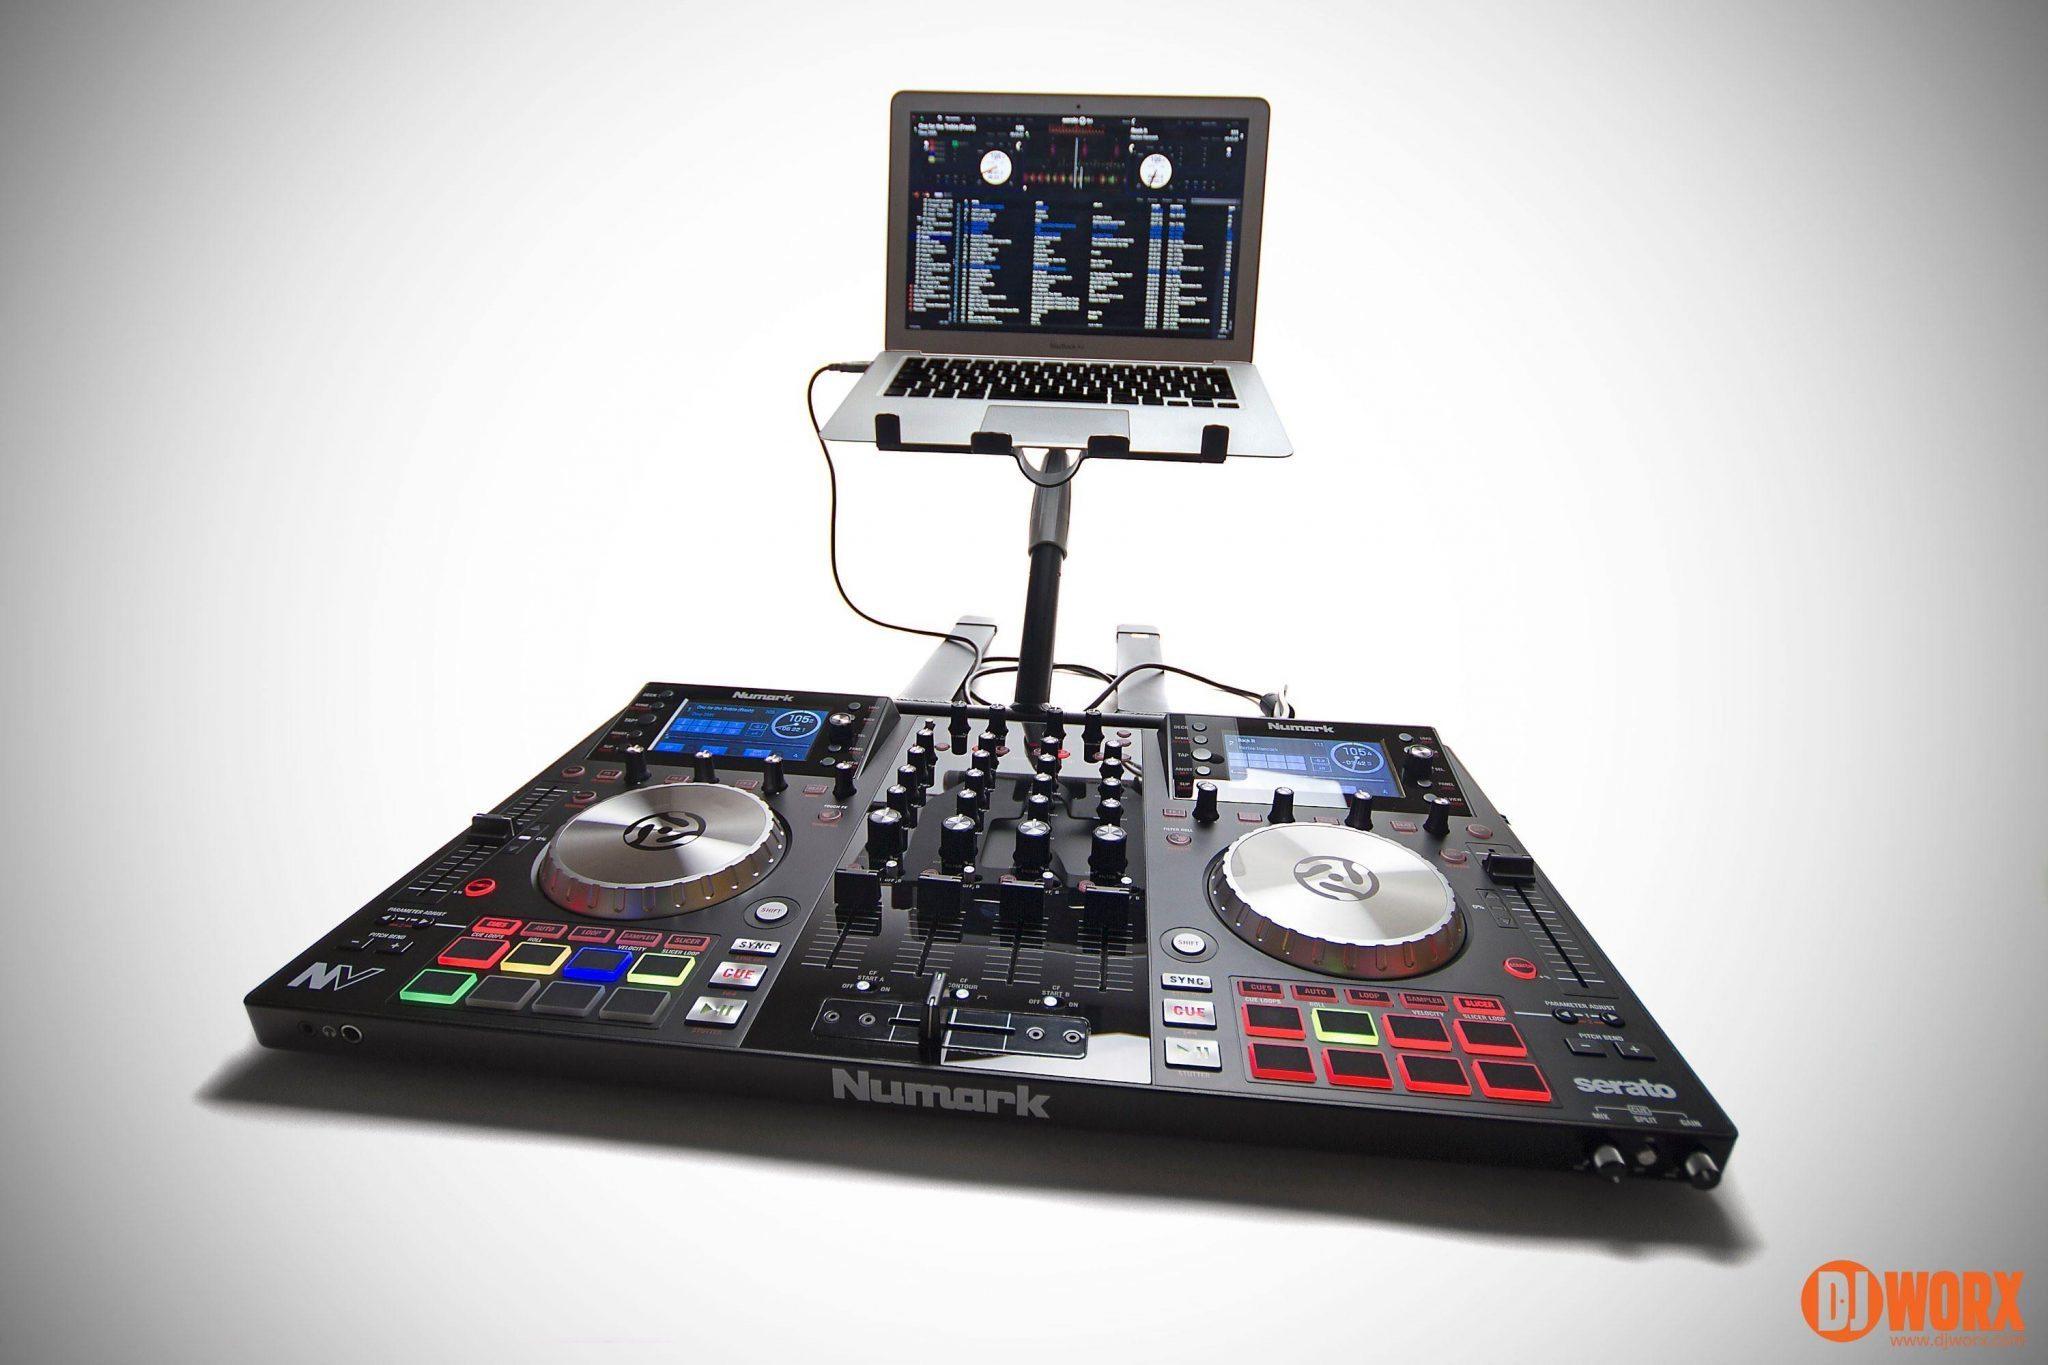 Numark NV Serato DJ controller review (9)